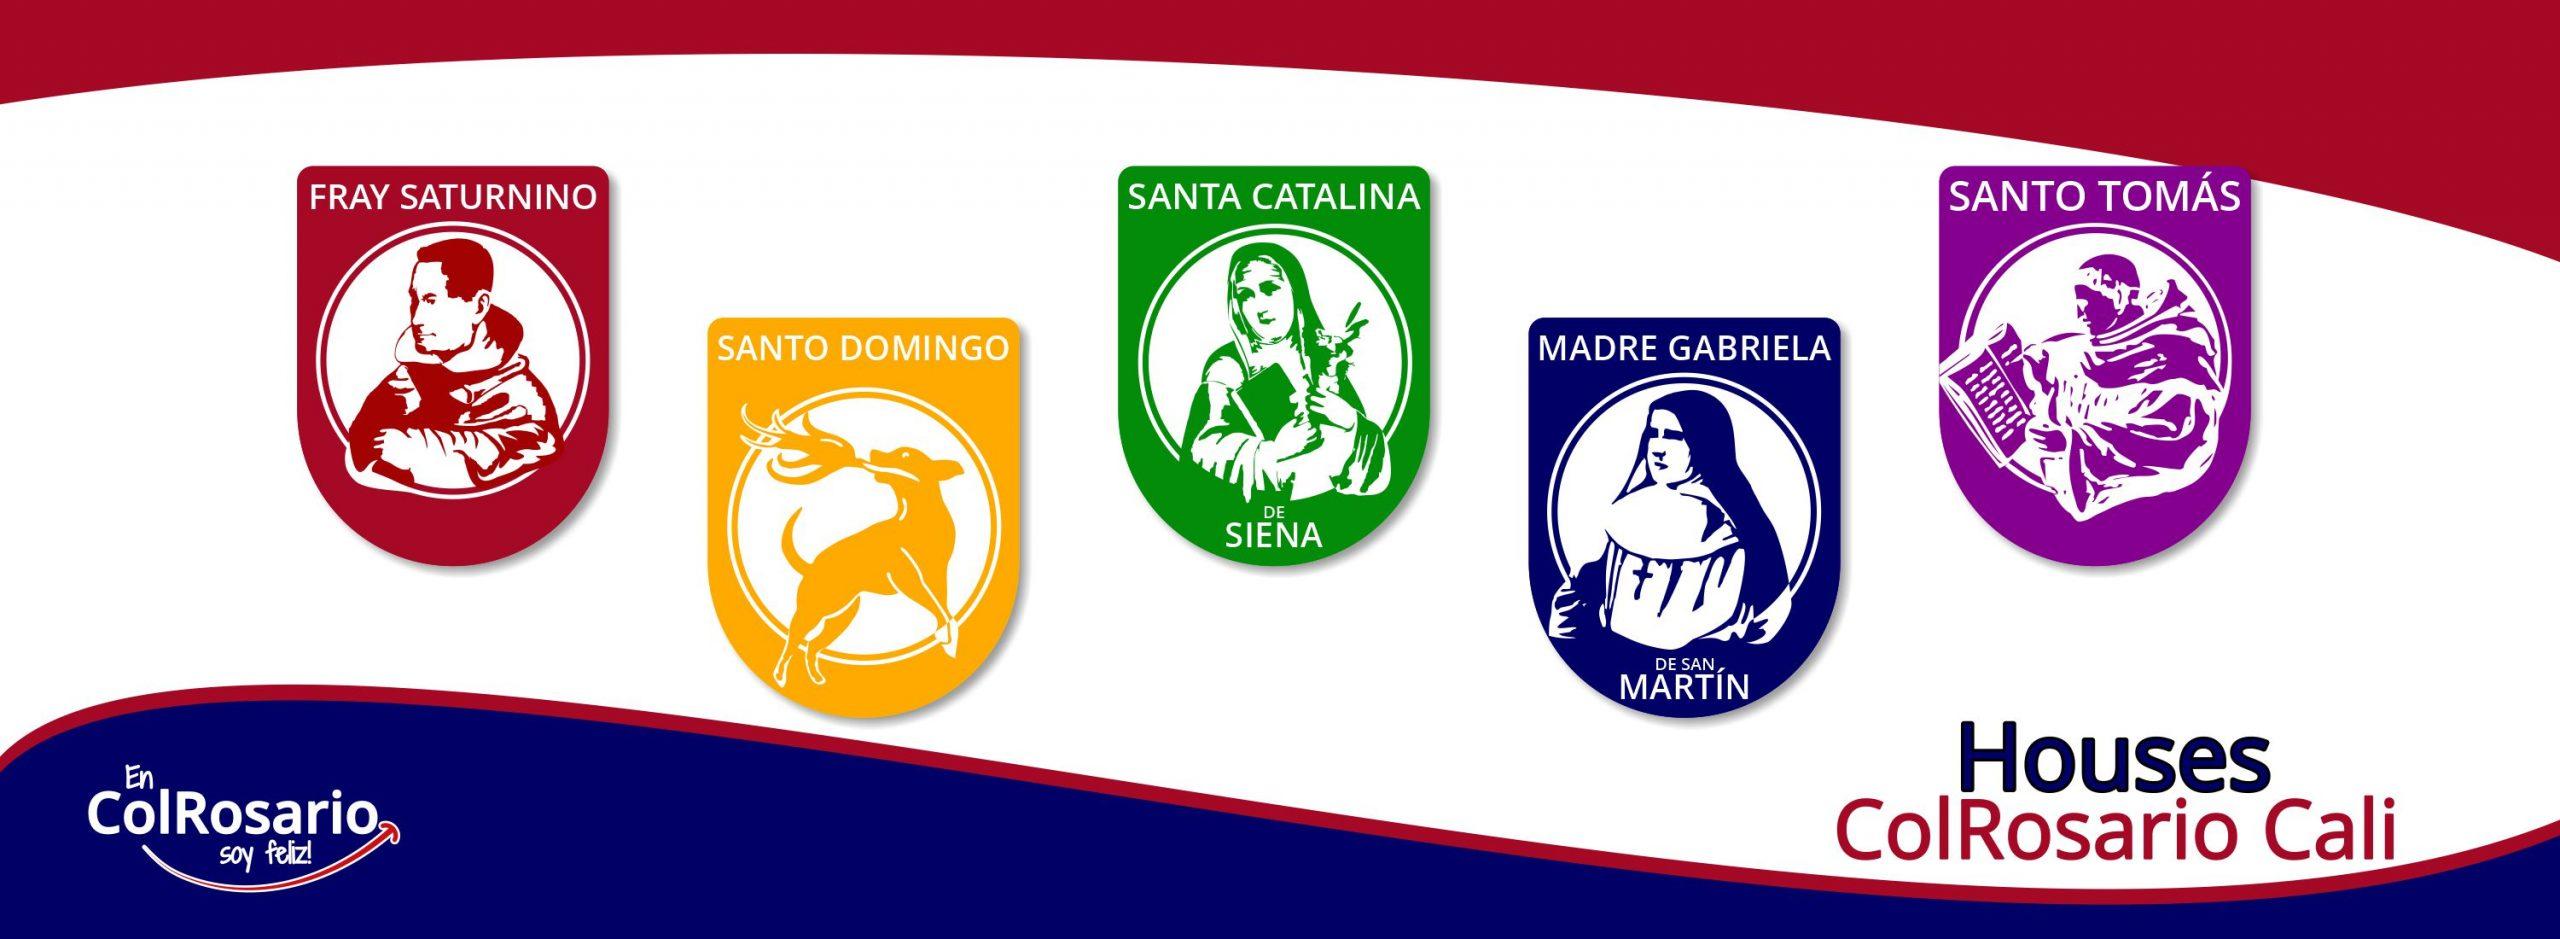 Banner Aulas Col Rosario 2005